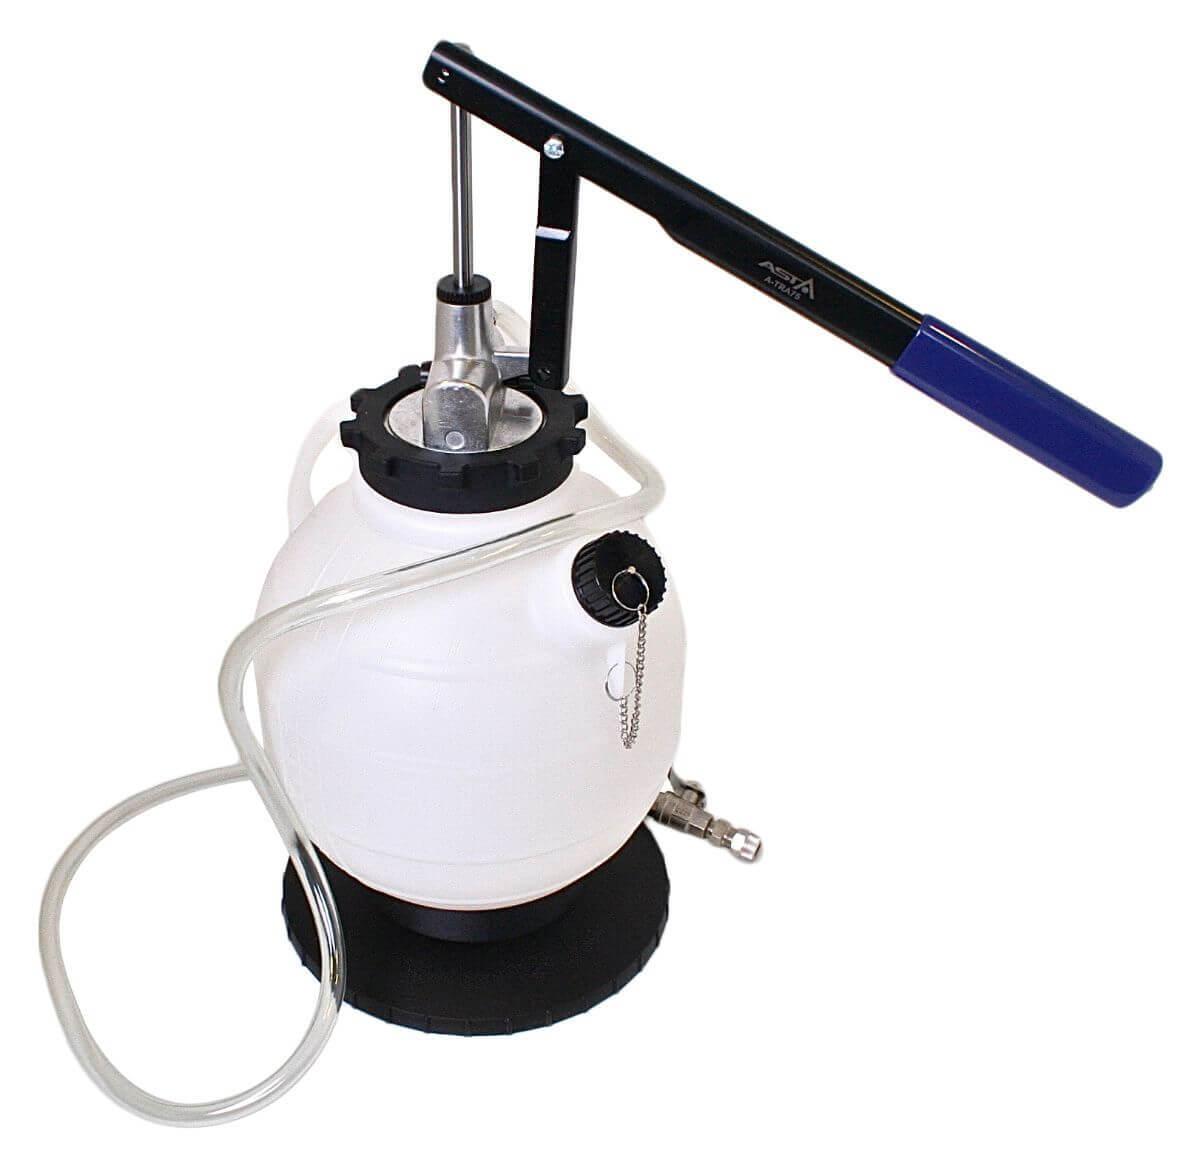 Pneumatická plnička oleje ATF do automatických převodovek, 7.5 litru, 20 adaptérů